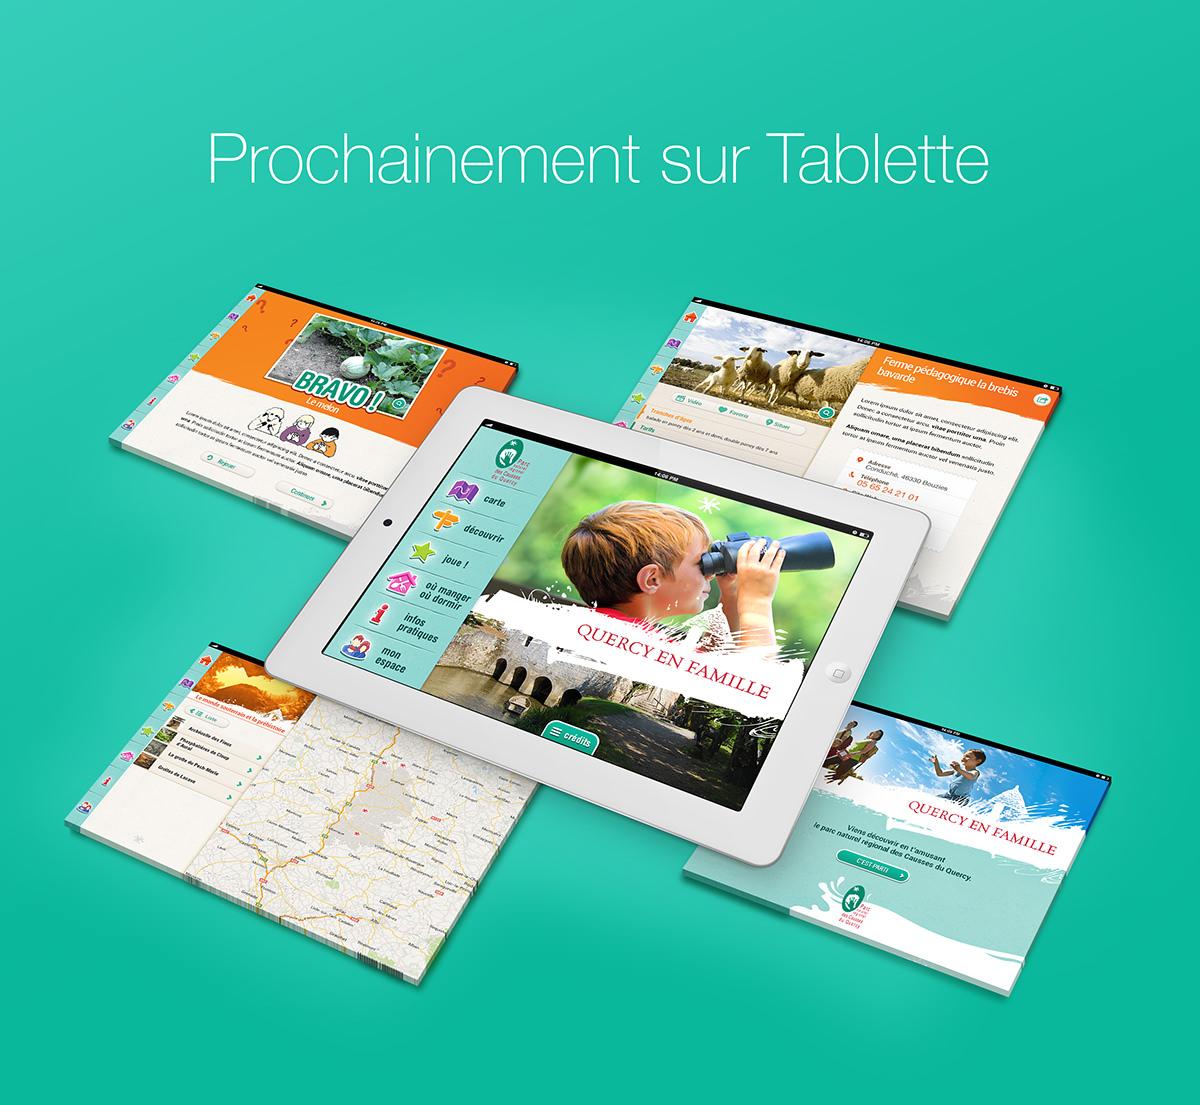 quercy en famille - version tablette prochainement disponible sur android et iOS